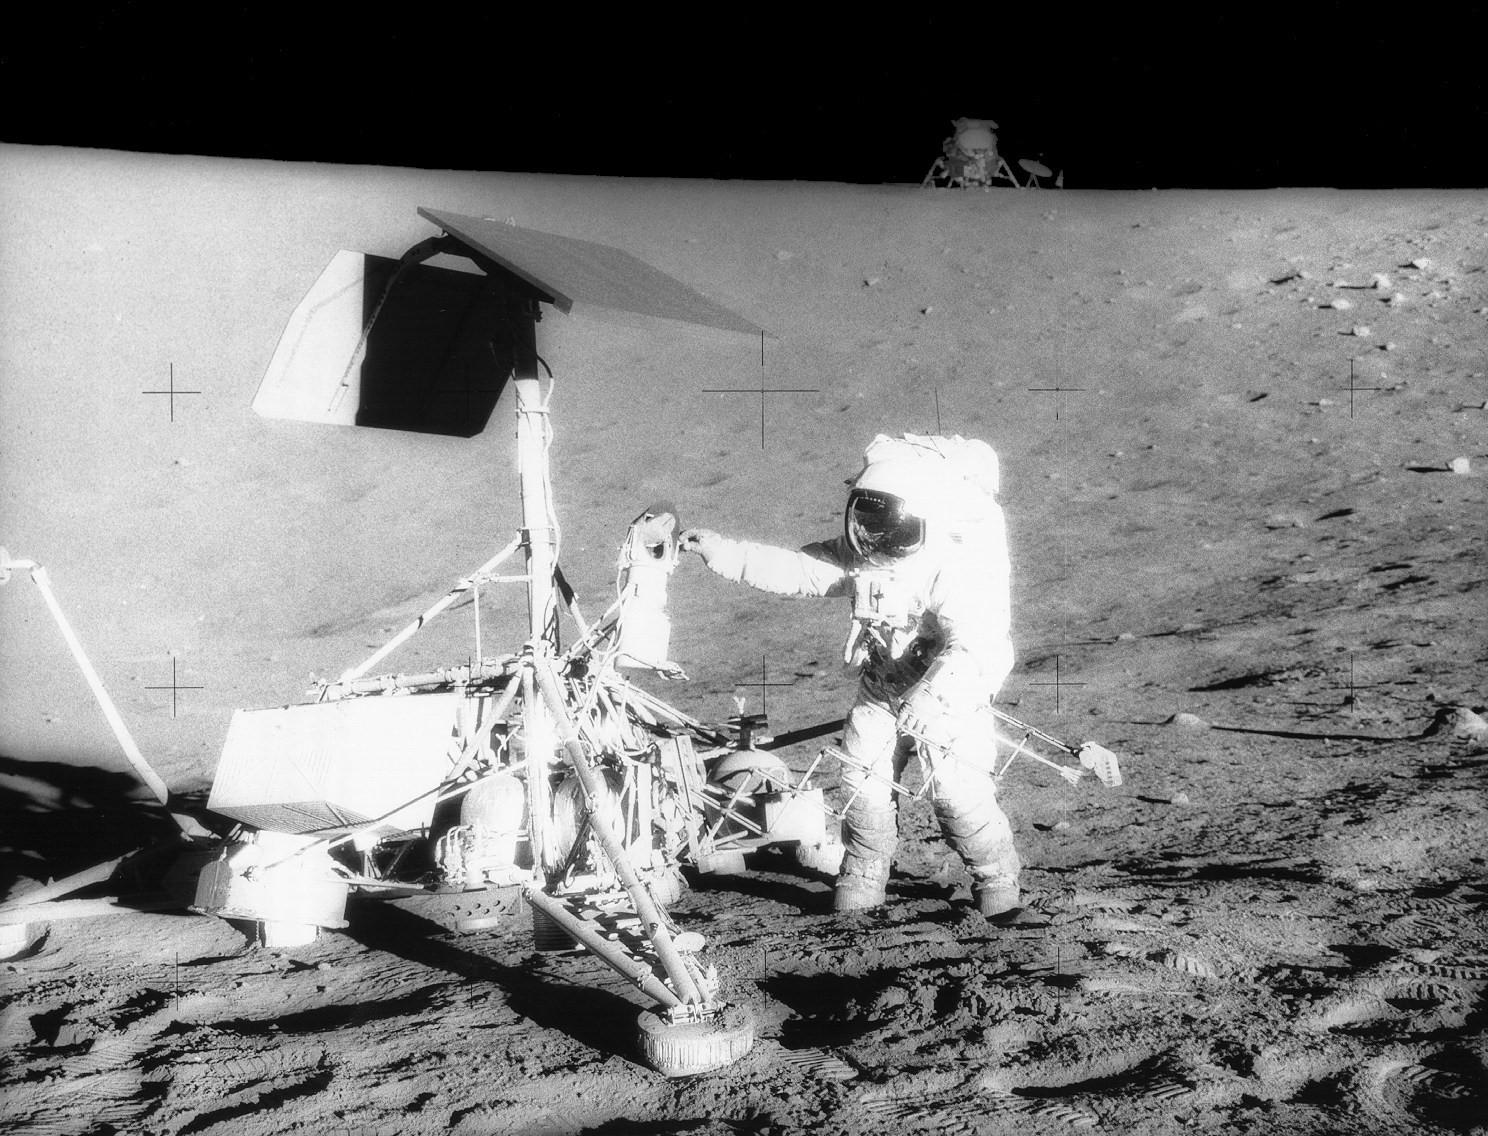 Астронавты Apollo 12 возле Surveior 3. На заднем плане лунный модуль.